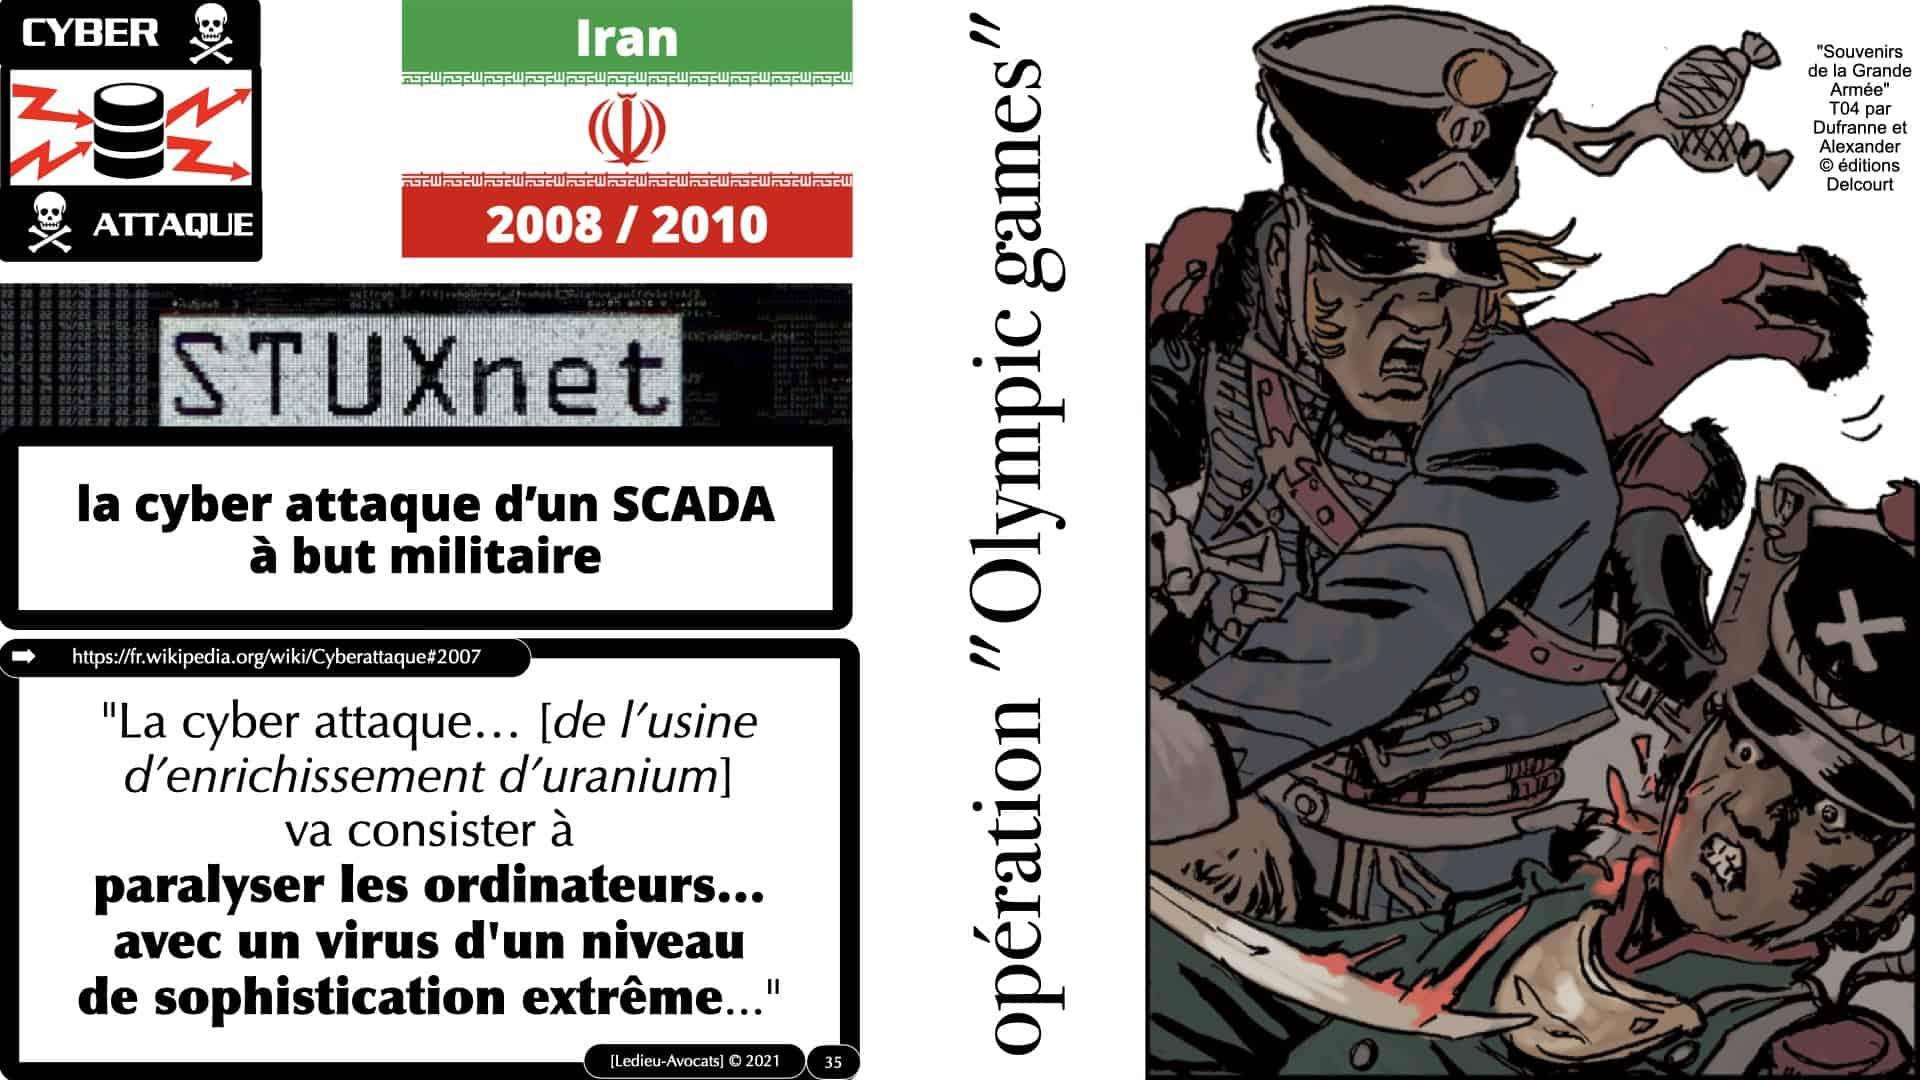 330 CYBER ATTAQUE © Ledieu-Avocats 09-03-2021.035